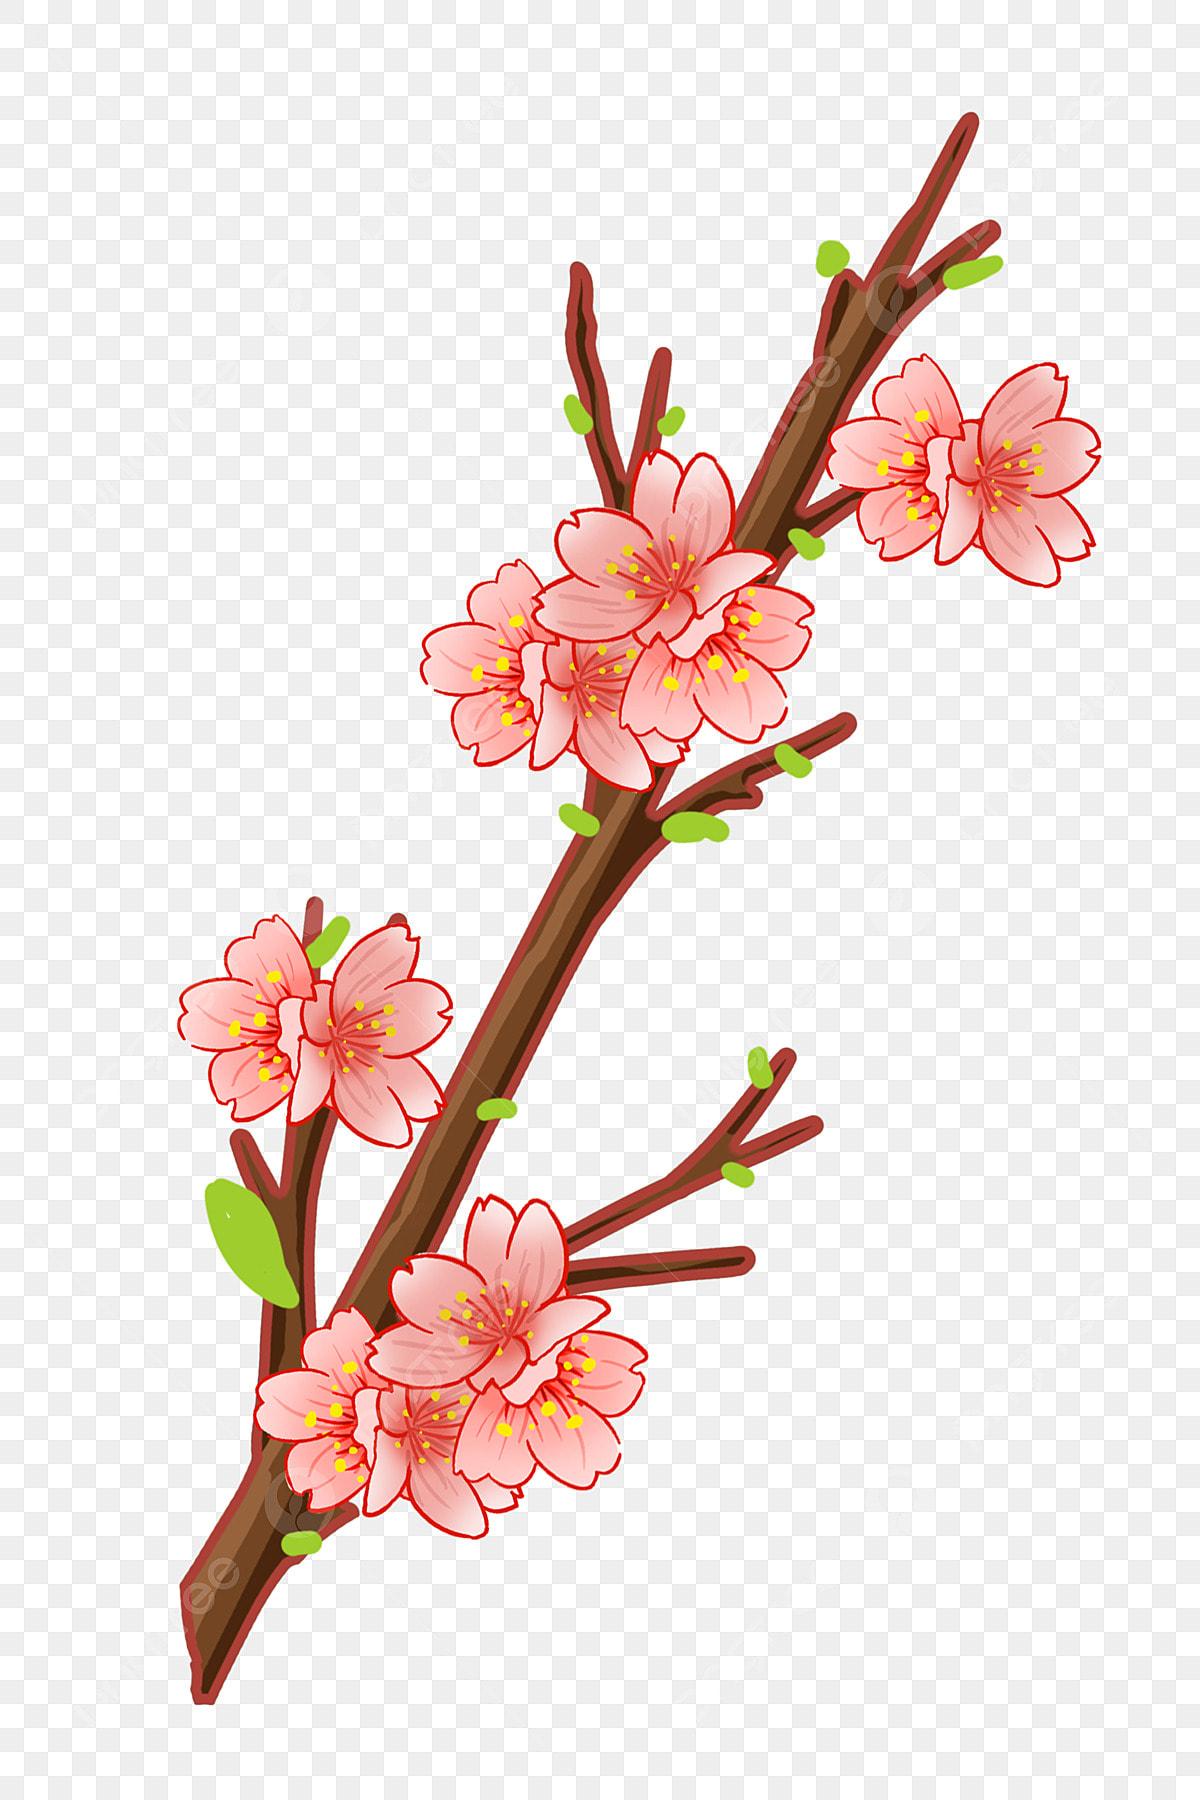 Décoration De Fleur De Cerisier Illustration De Dessin Animé